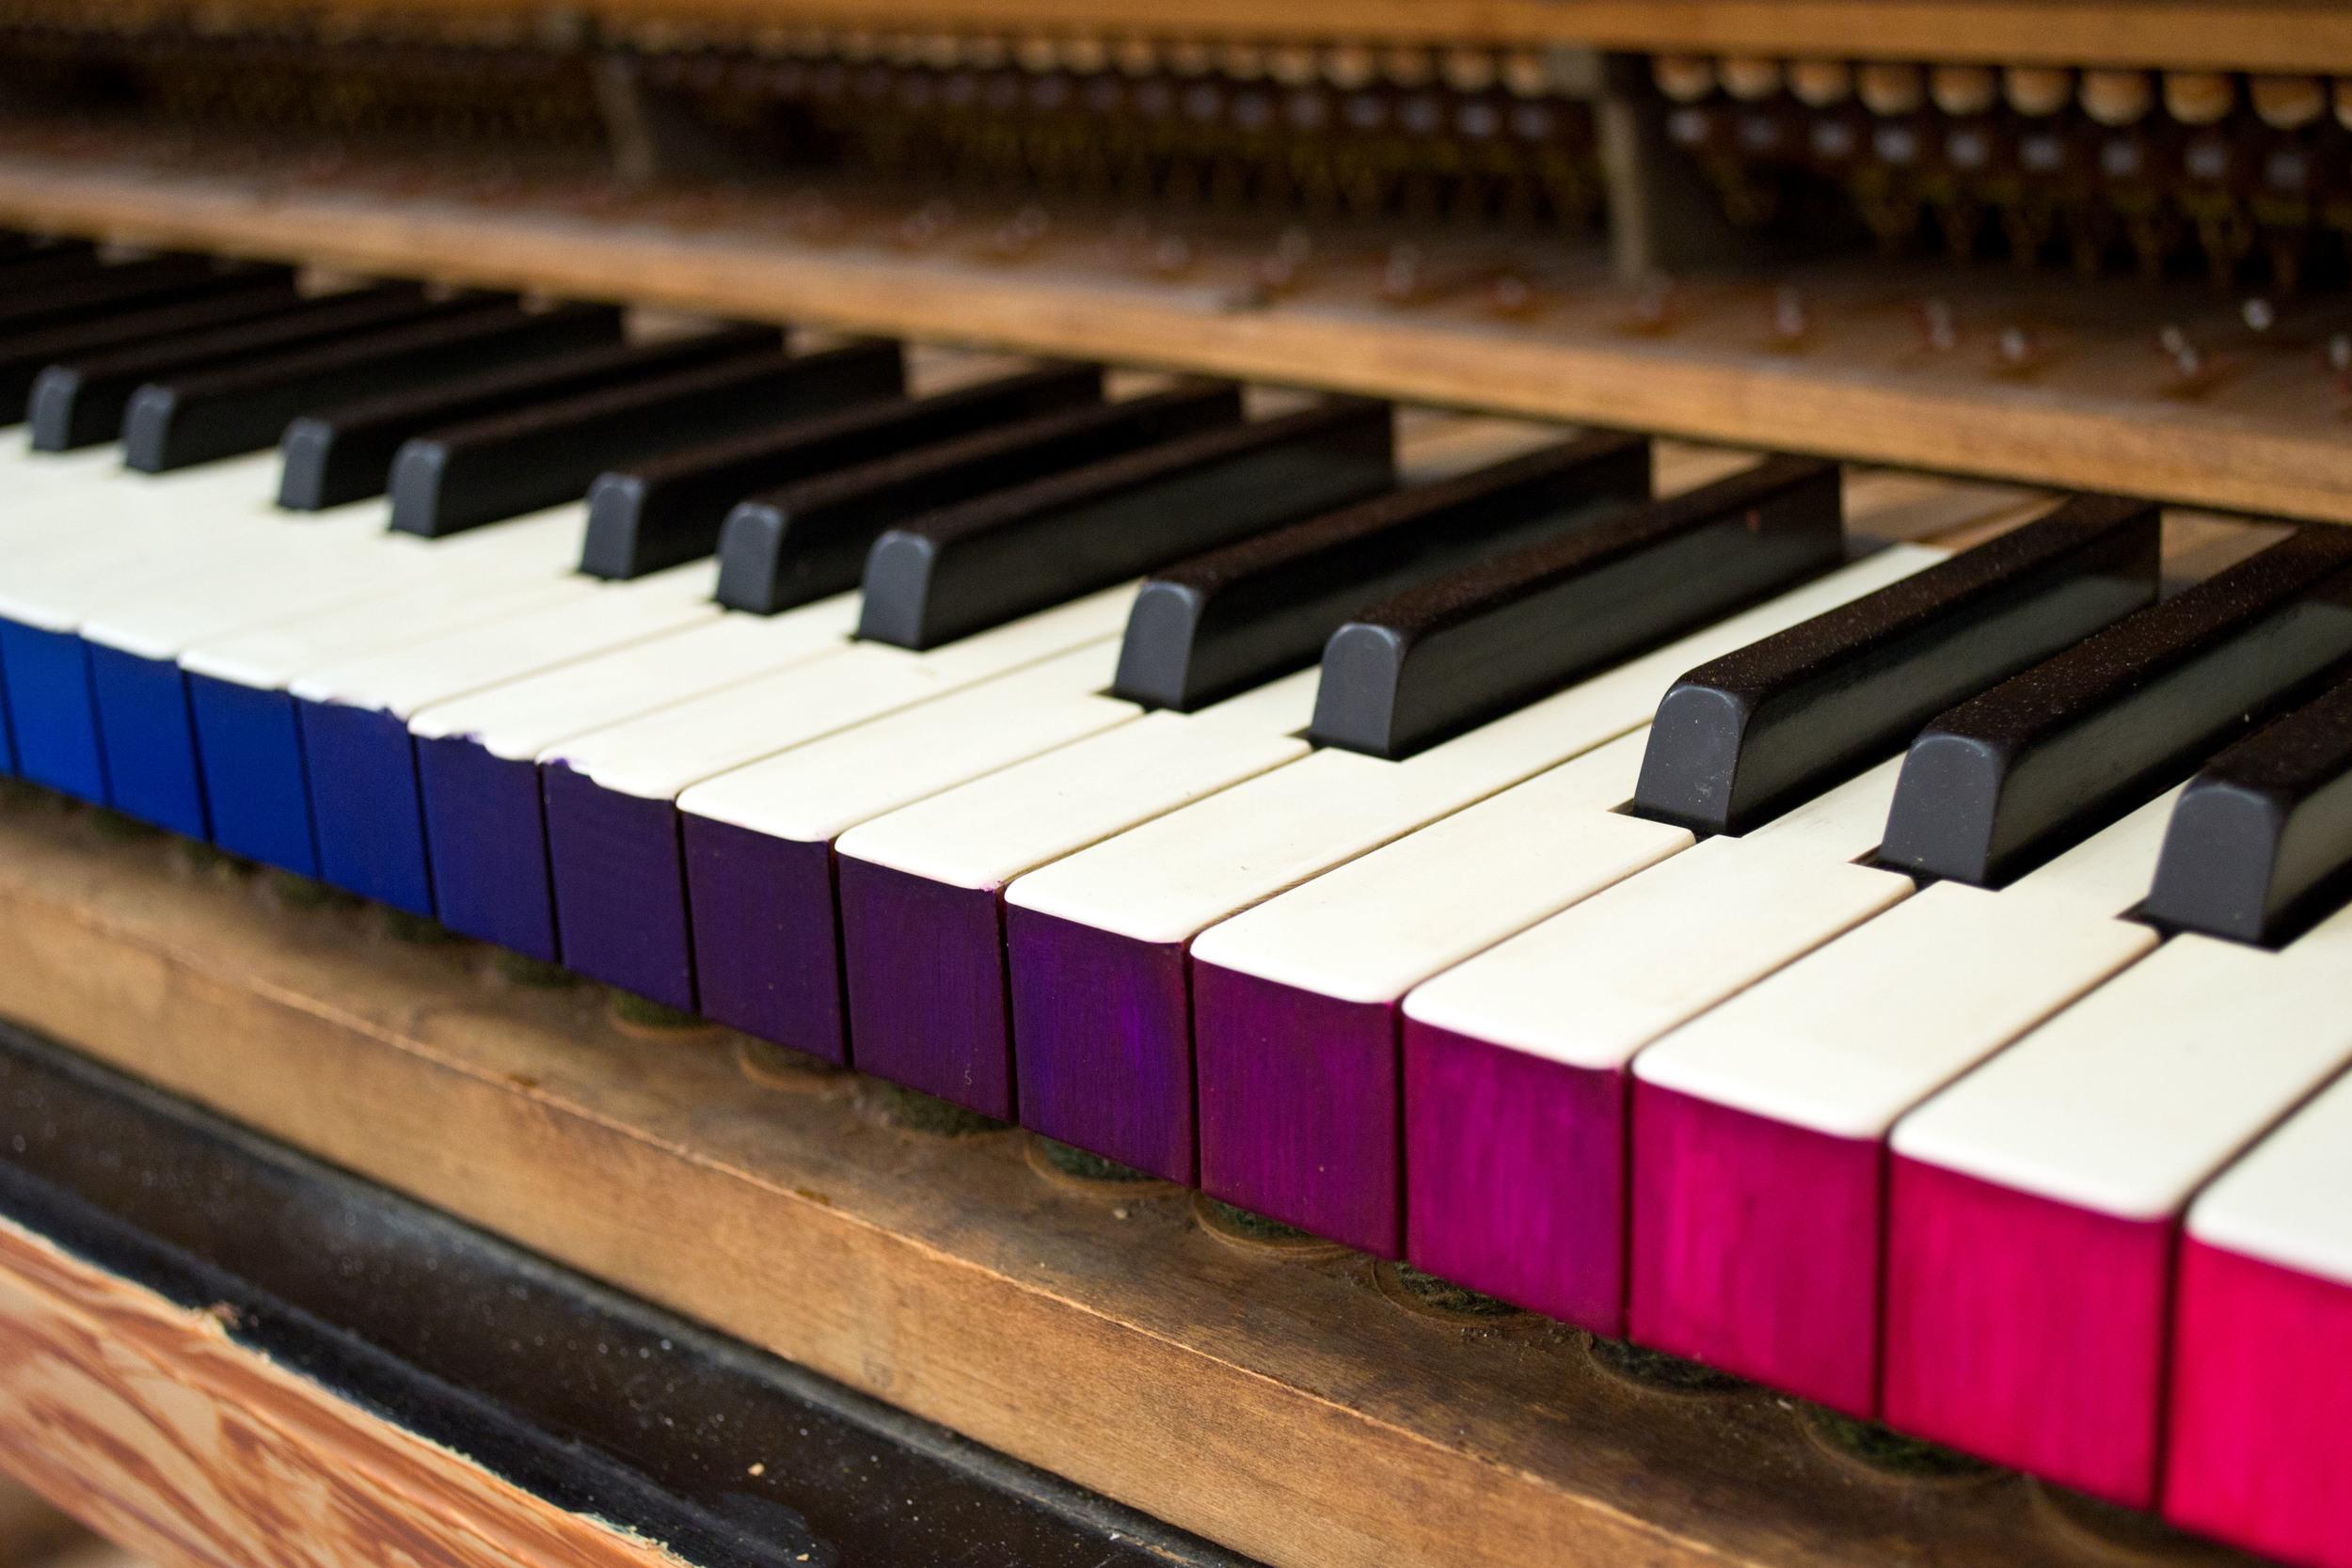 Zelson_MFA_Piano_06.jpg